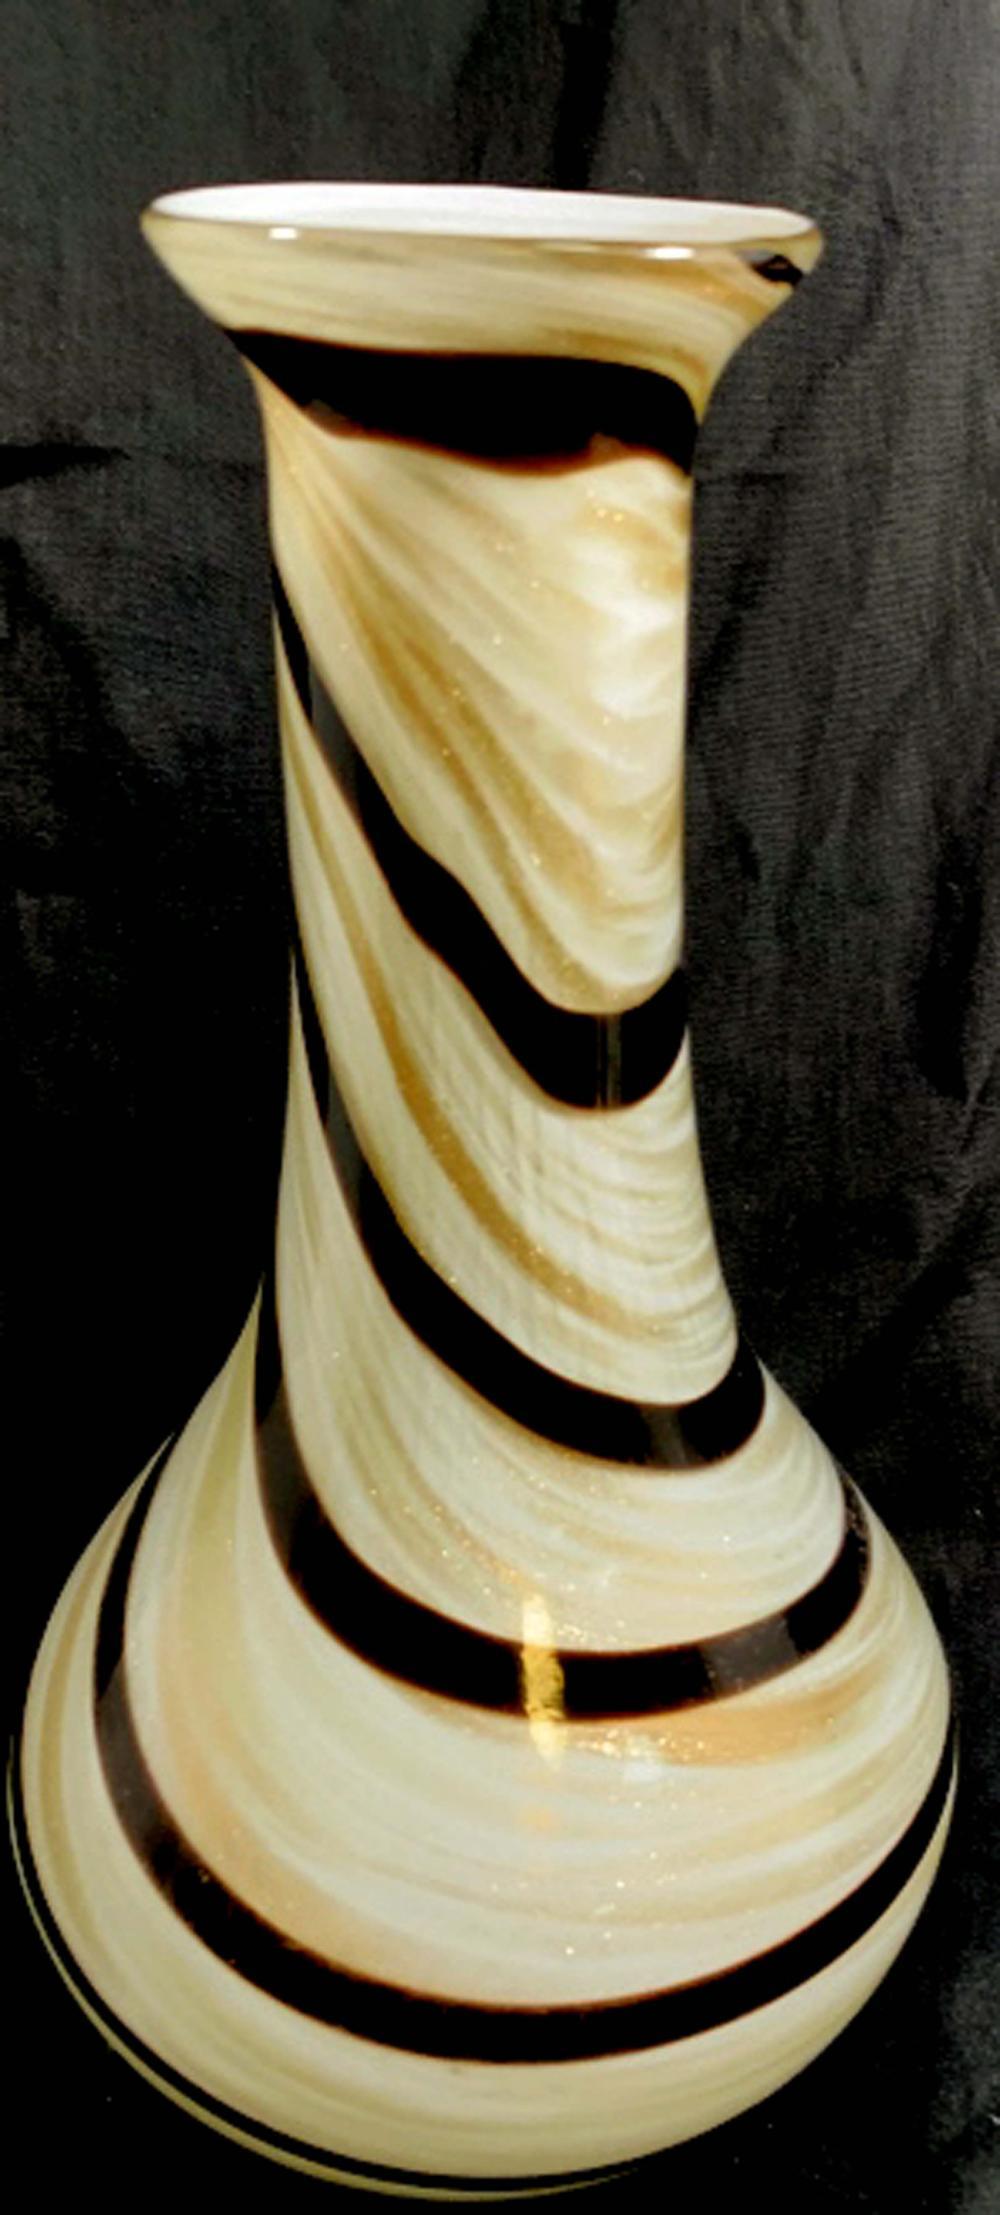 SPLENDID GOLD SWIRL MURANO MODERN GLASS VASE